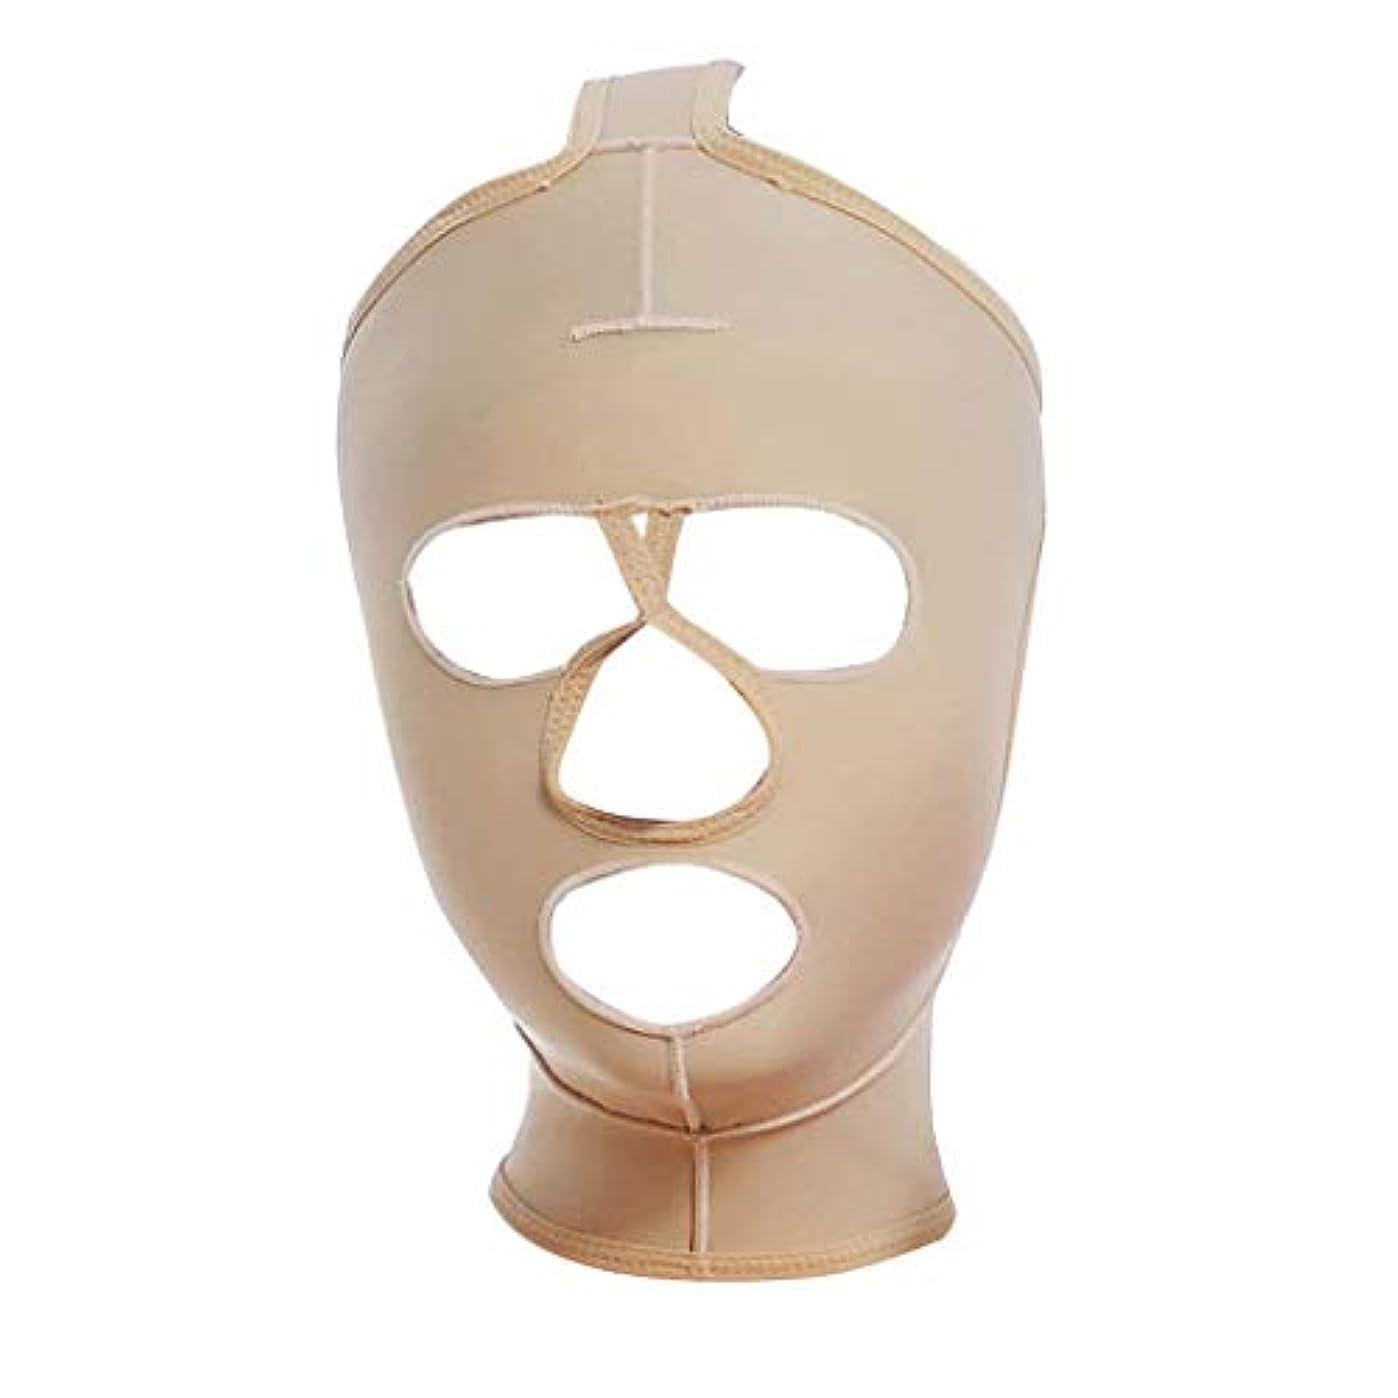 ロック解除青氷フェイス&ネックリフト、減量フェイスマスク脂肪吸引術脂肪吸引術整形マスクフードフェイスリフティングアーティファクトVフェイスビームフェイス弾性スリーブ(サイズ:XXL),L